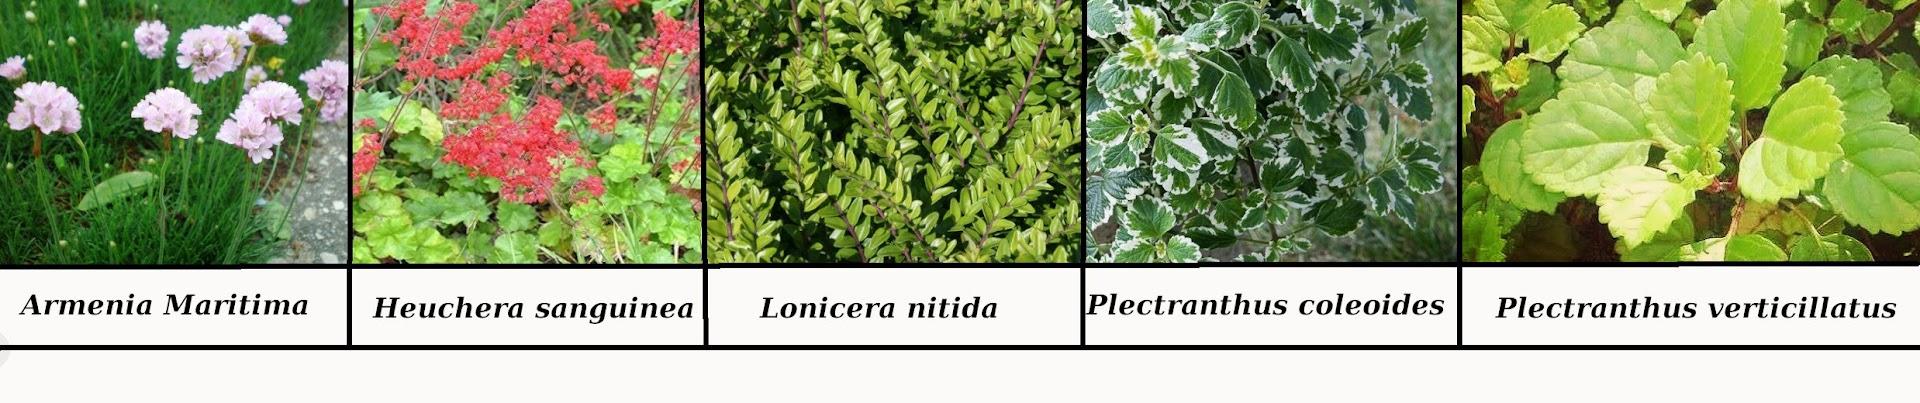 Especies instaladas en los jardines verticales